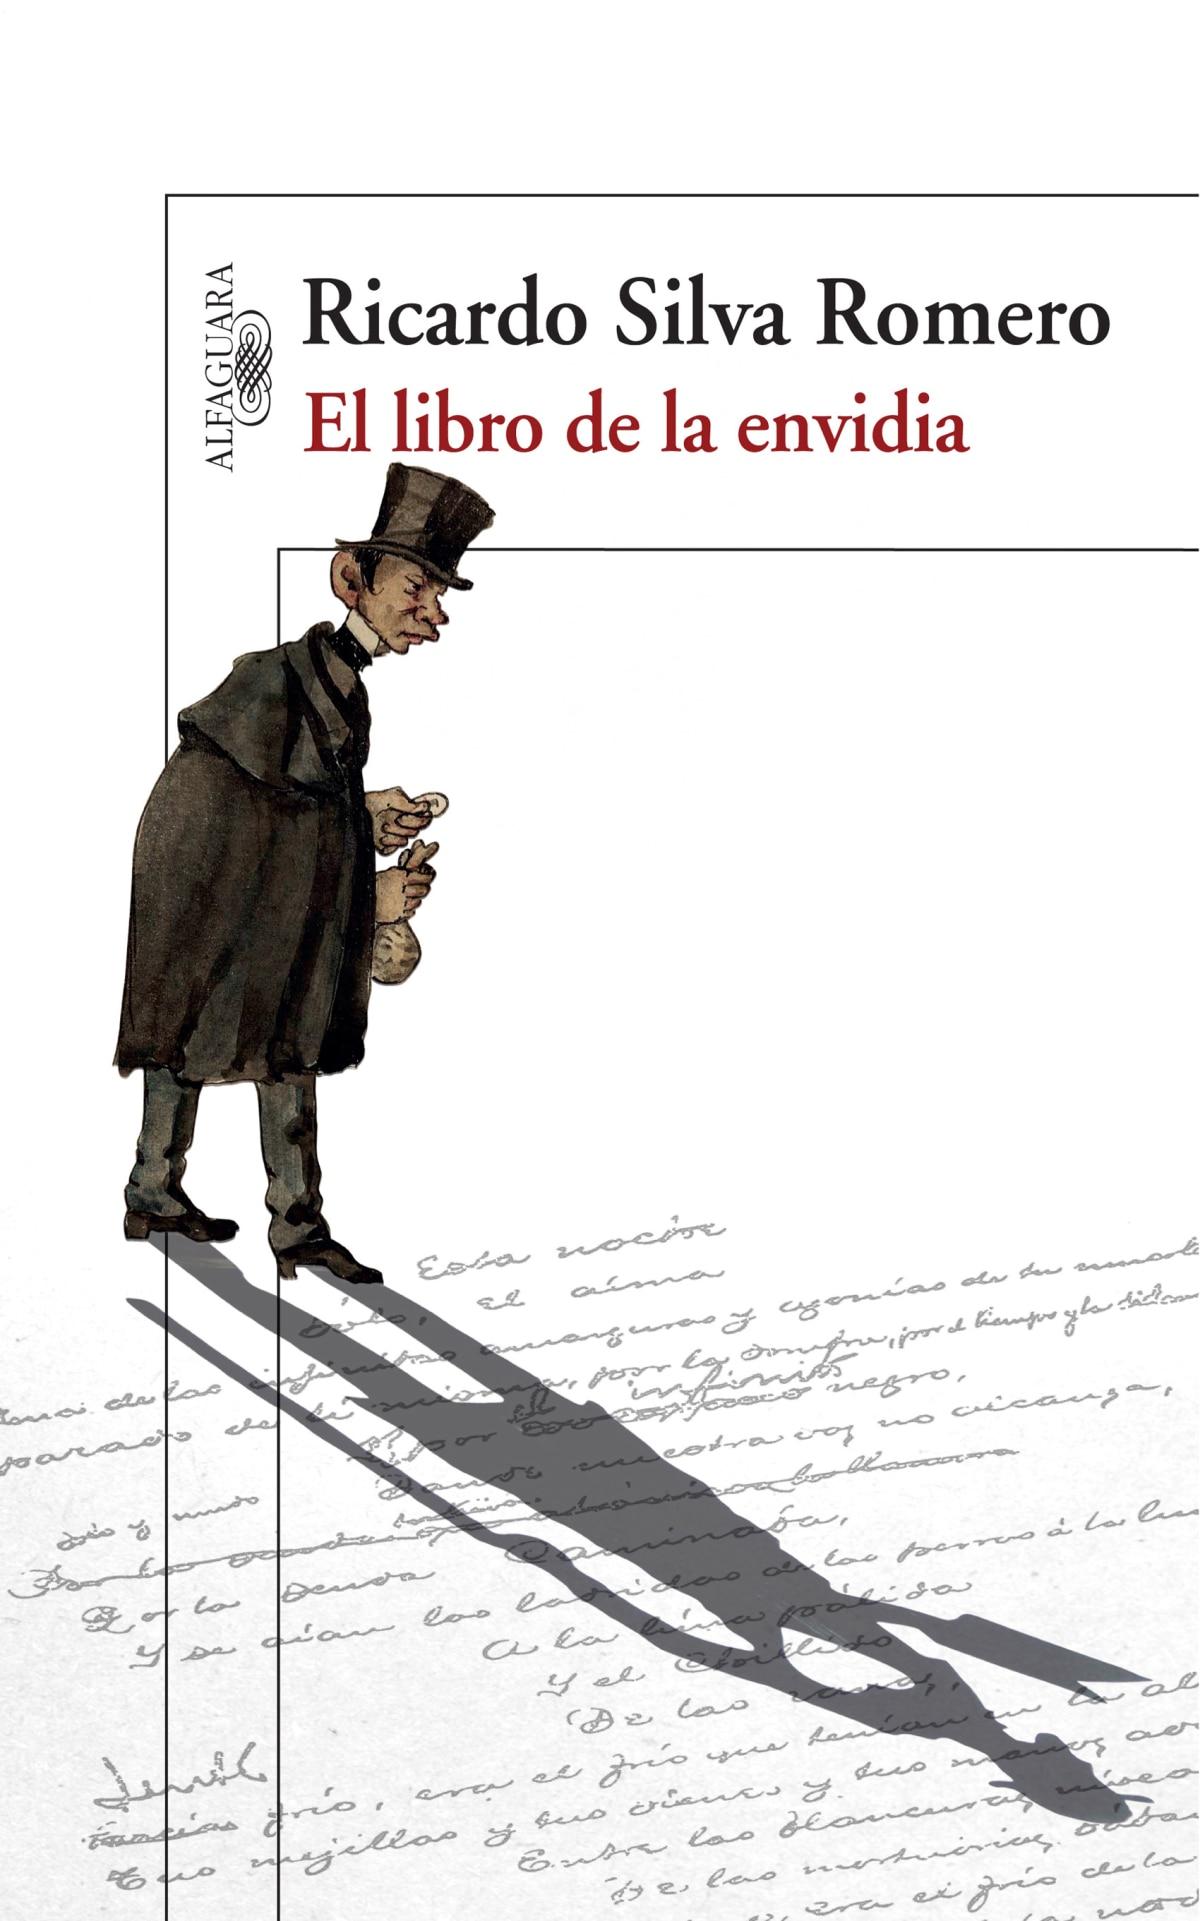 El libro de la envidia